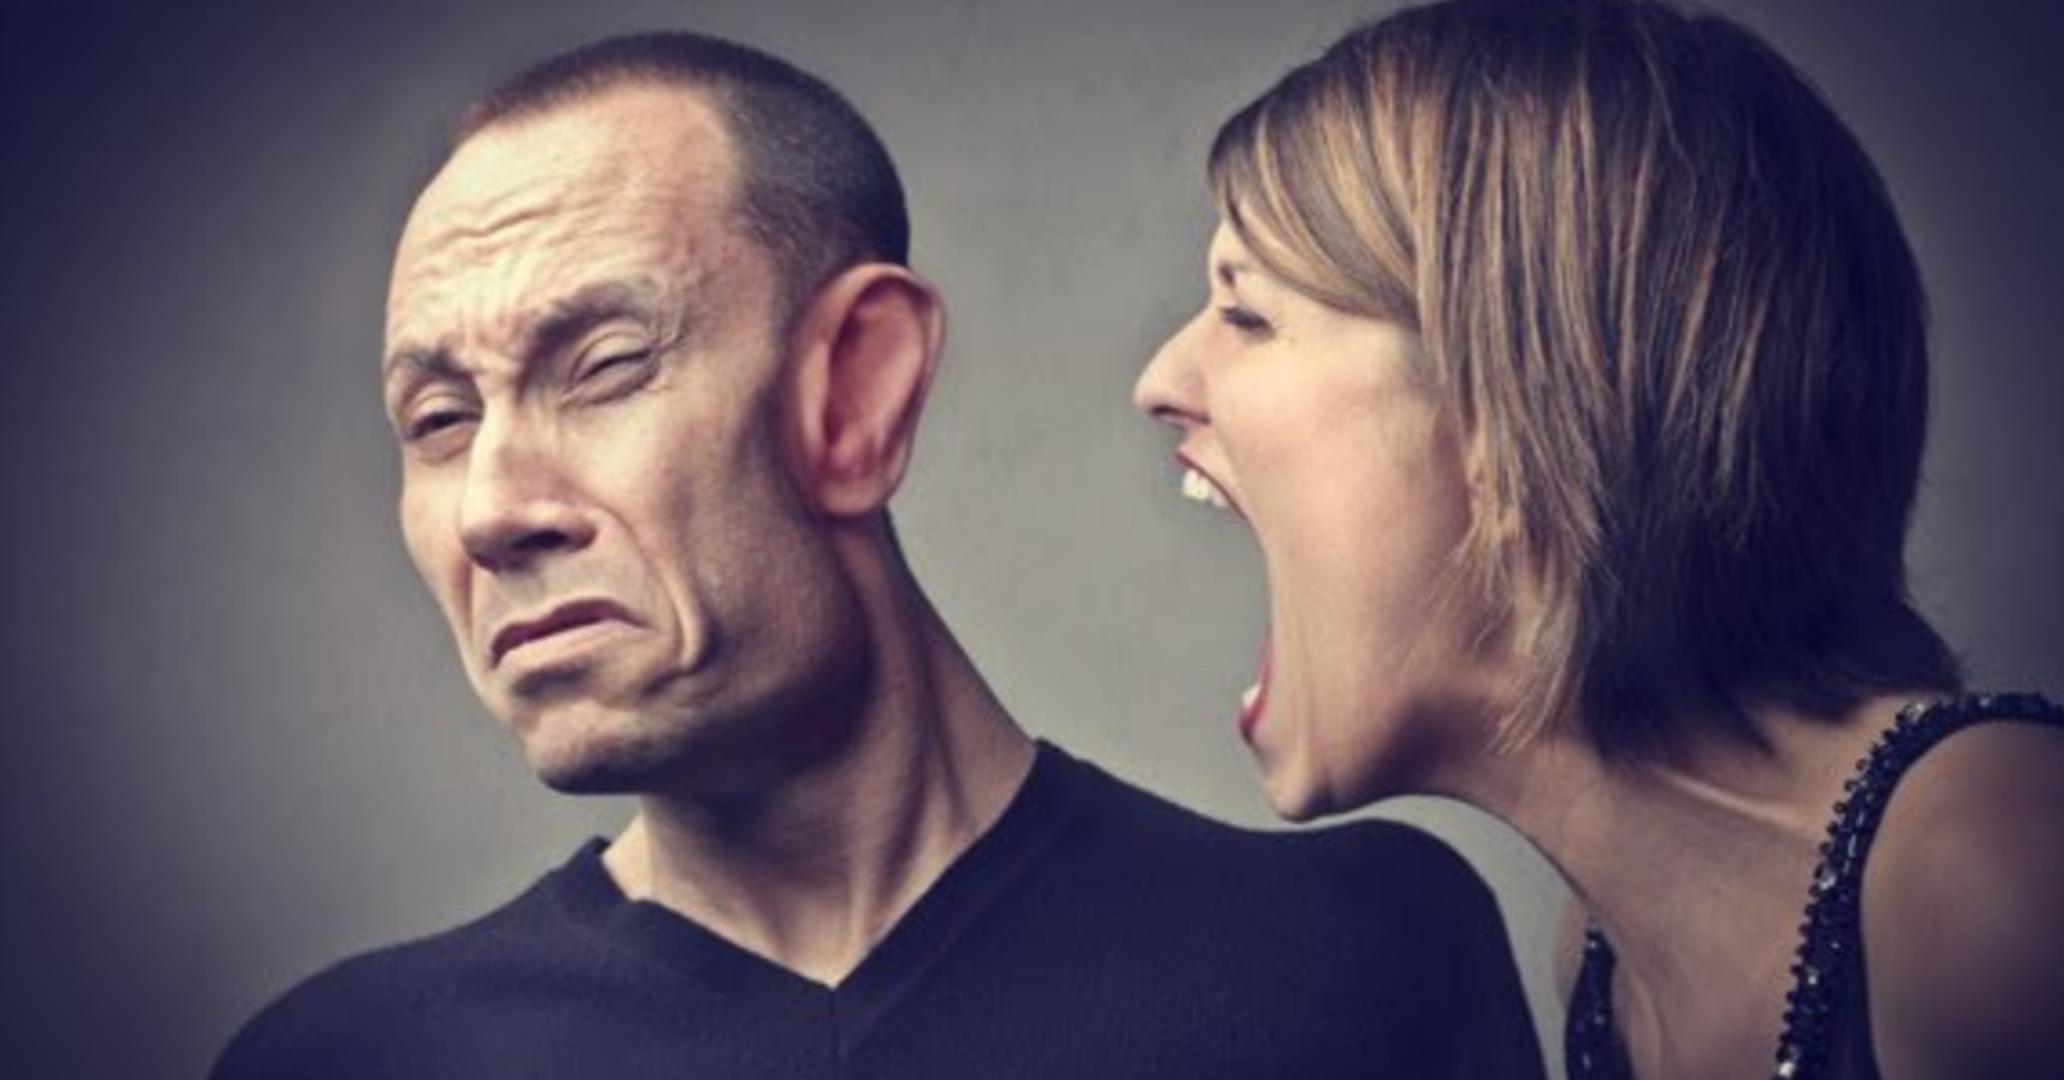 La voce delle donne causa stanchezza al cervello degli uomini